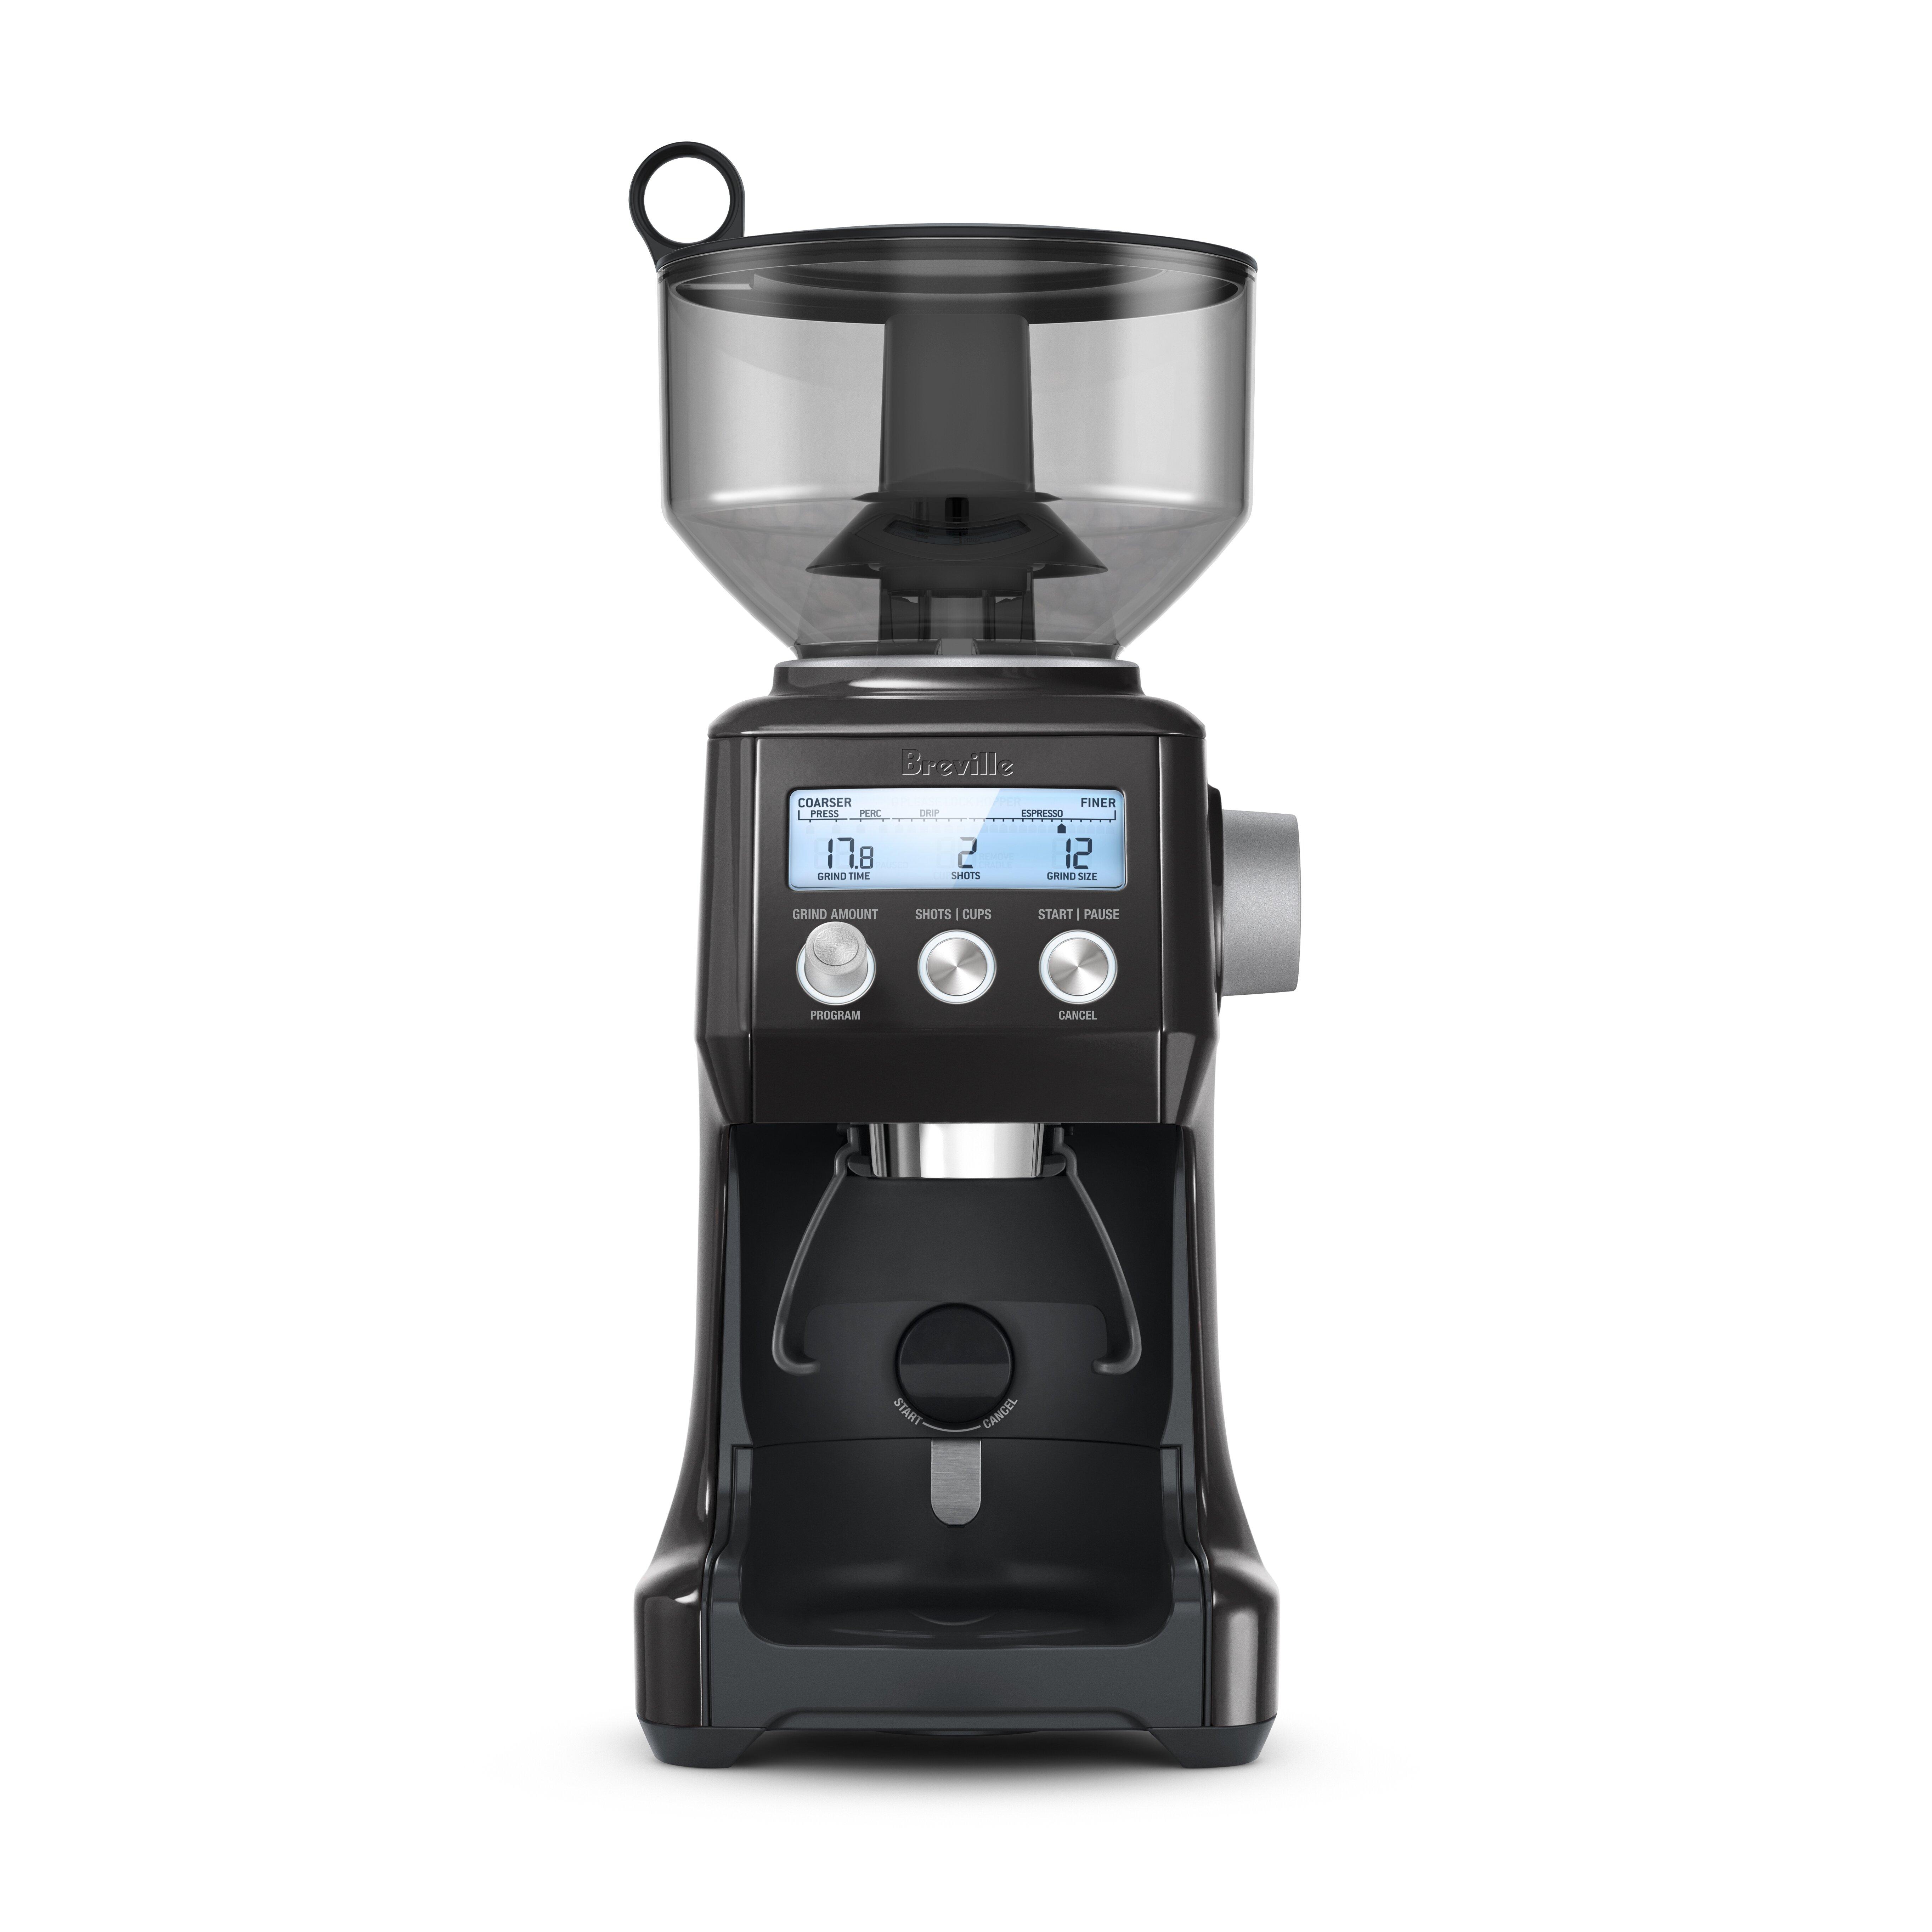 Breville Smart Grinder Pro Coffee Grinder Review | The ...